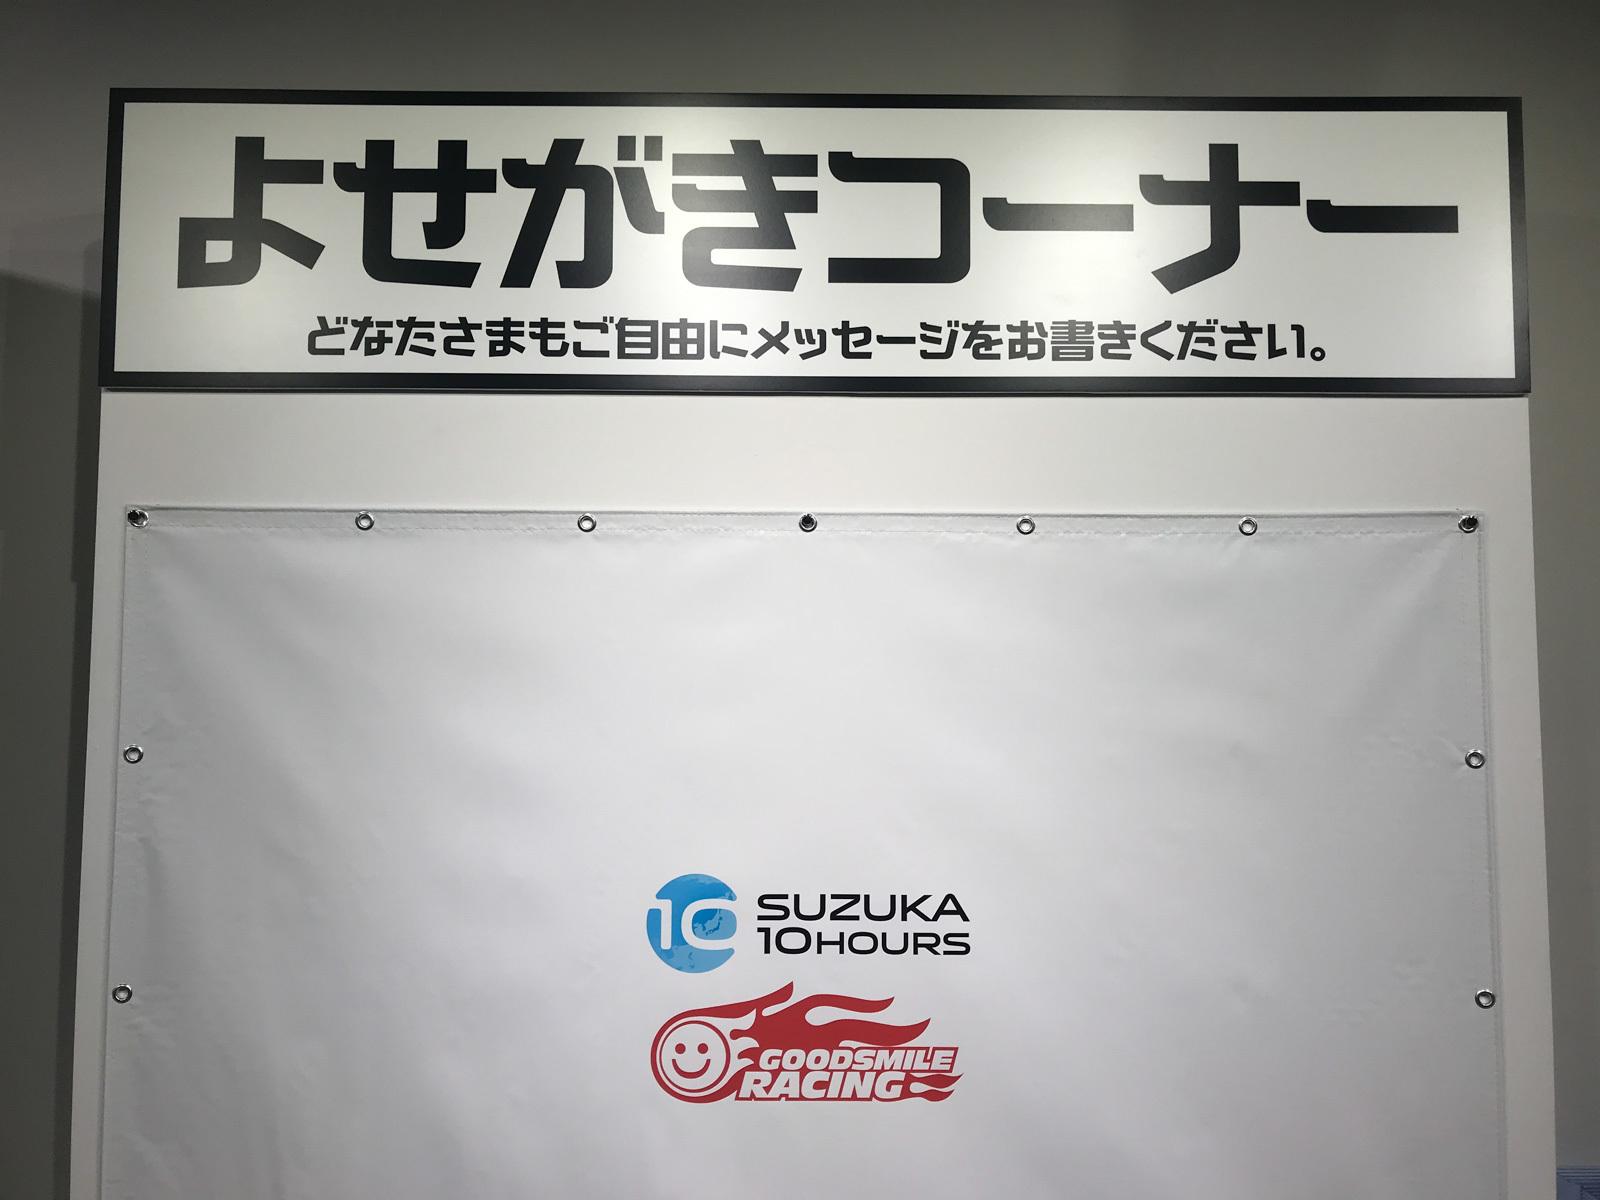 初音ミク GTプロジェクト 10周年展示会開催_e0379343_17423704.jpg